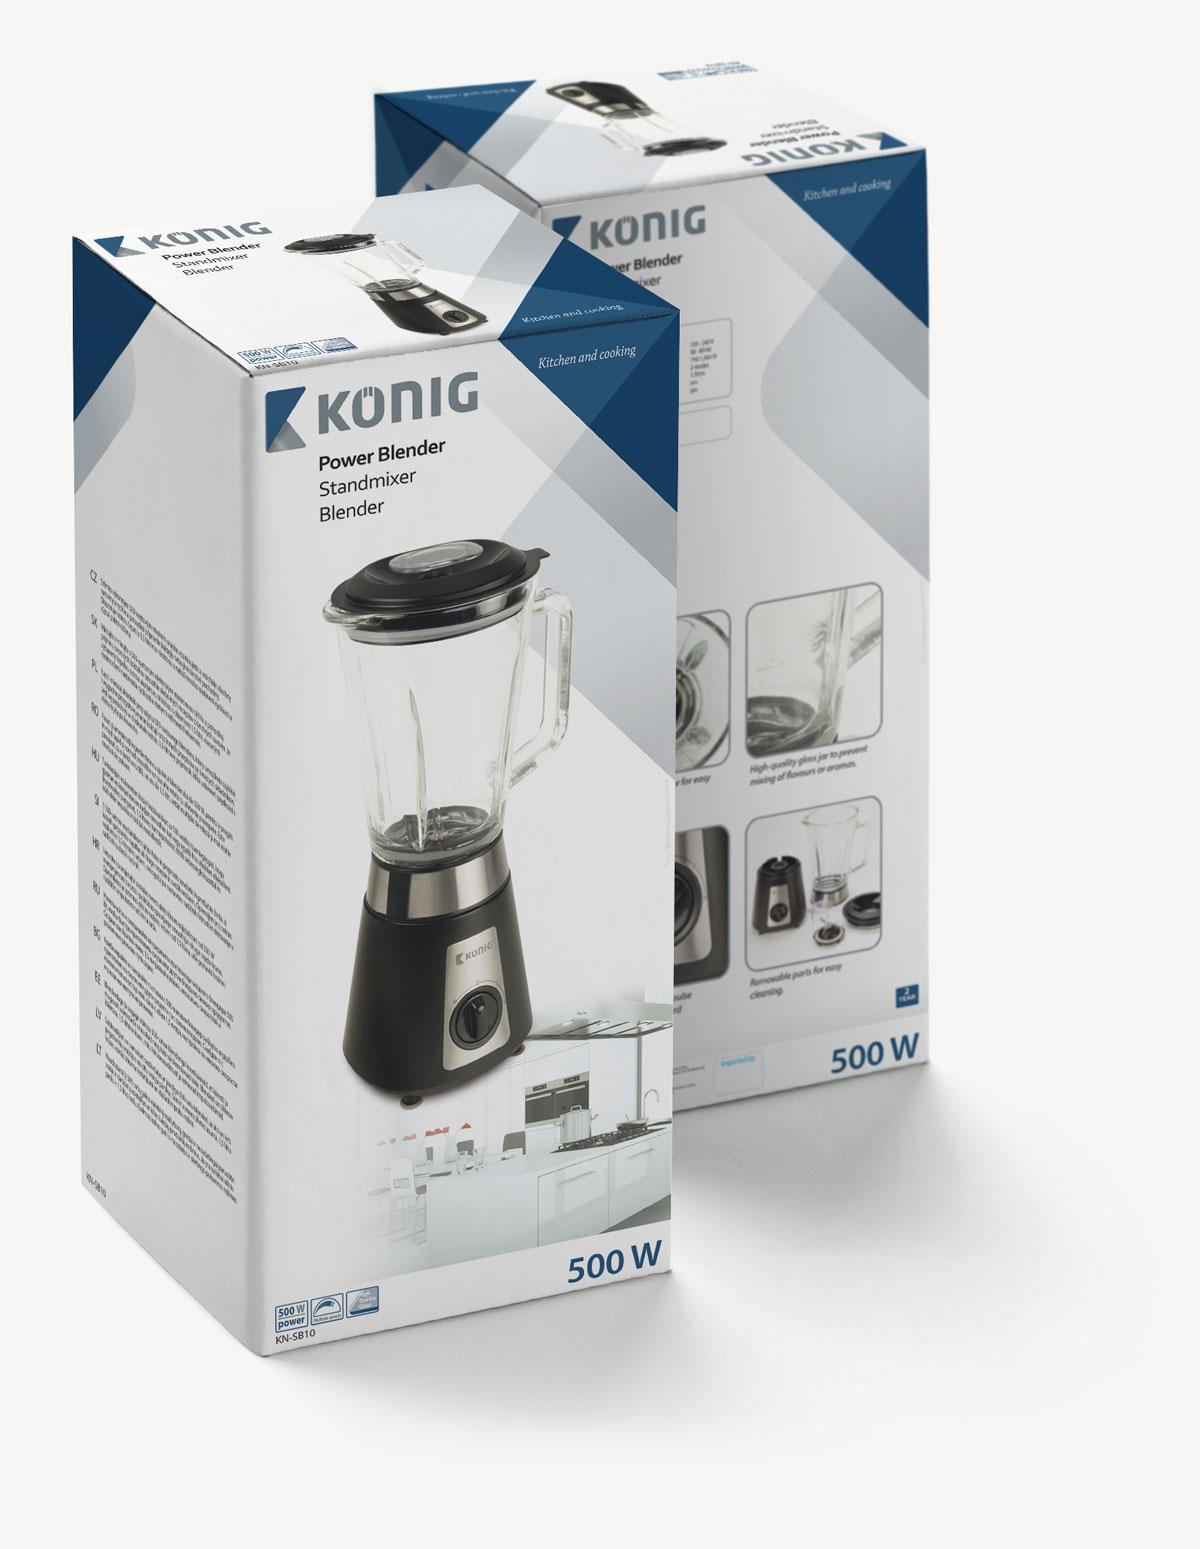 Verpakking Konig KN-SB10 Standmixer